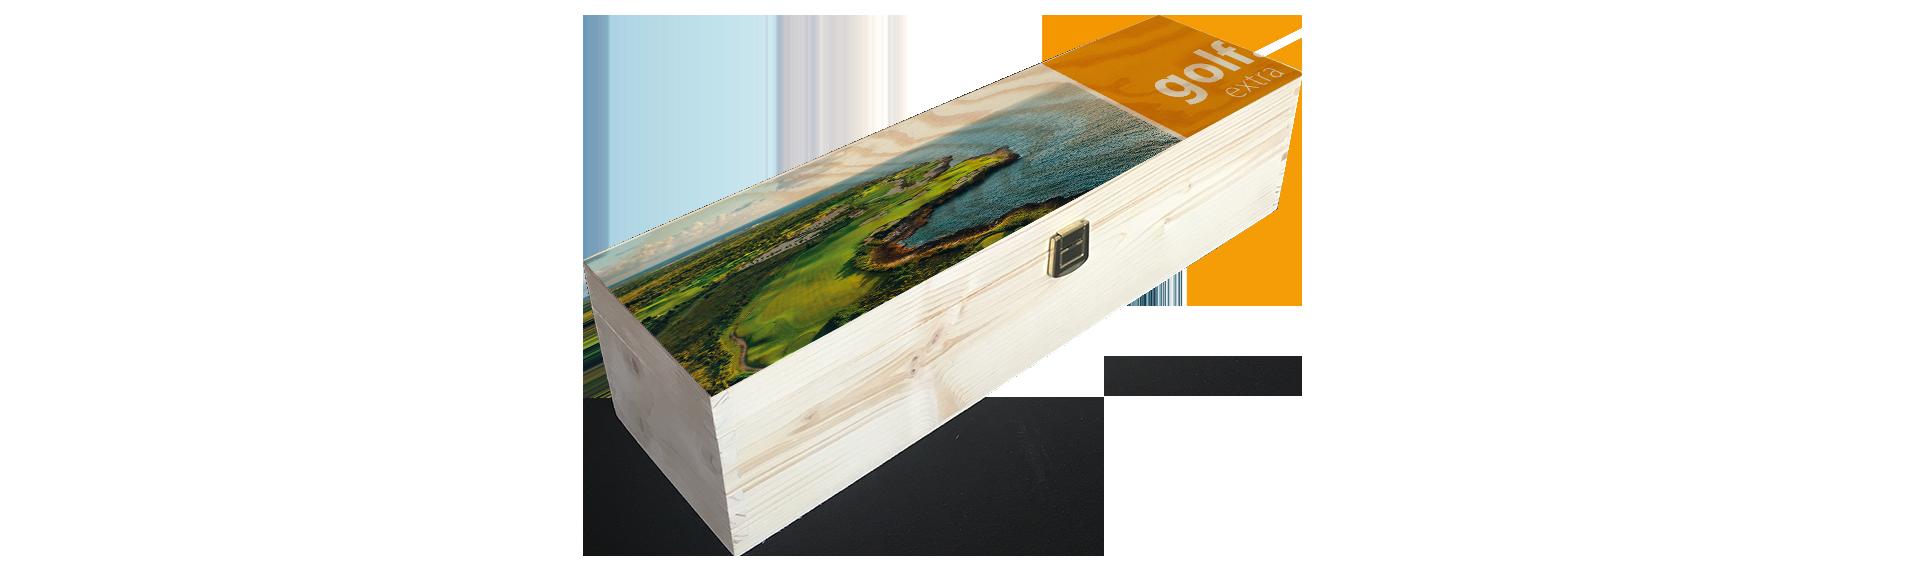 Golfextra | Holzkiste Weinkiste  bedruckt